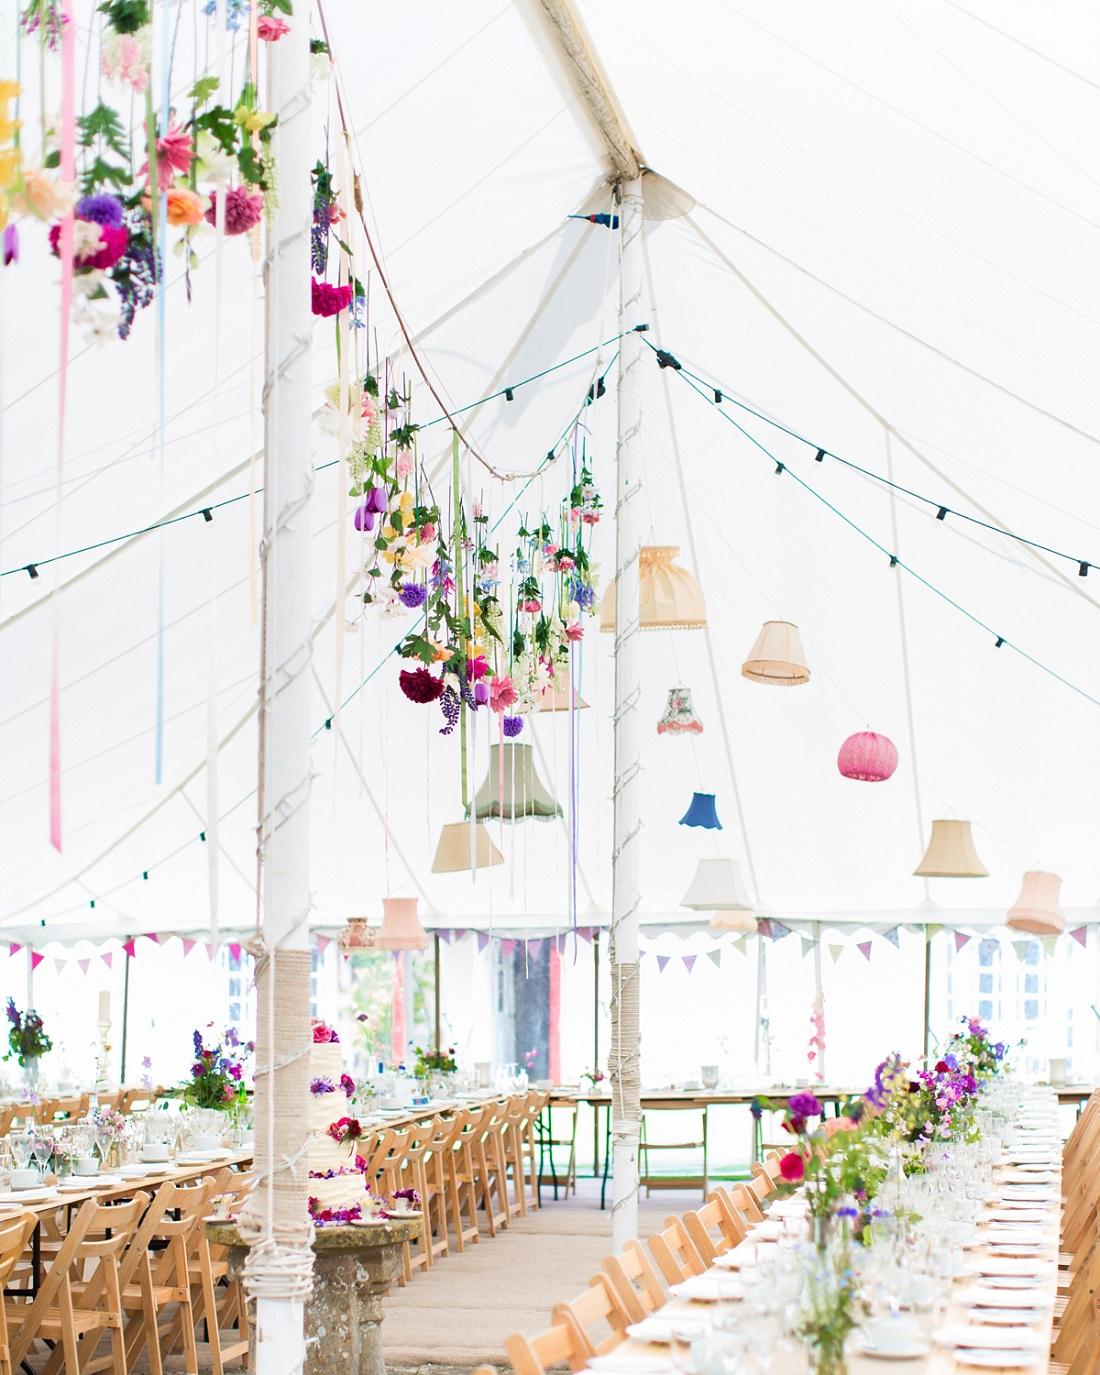 Decoratie voor de bruiloft tent